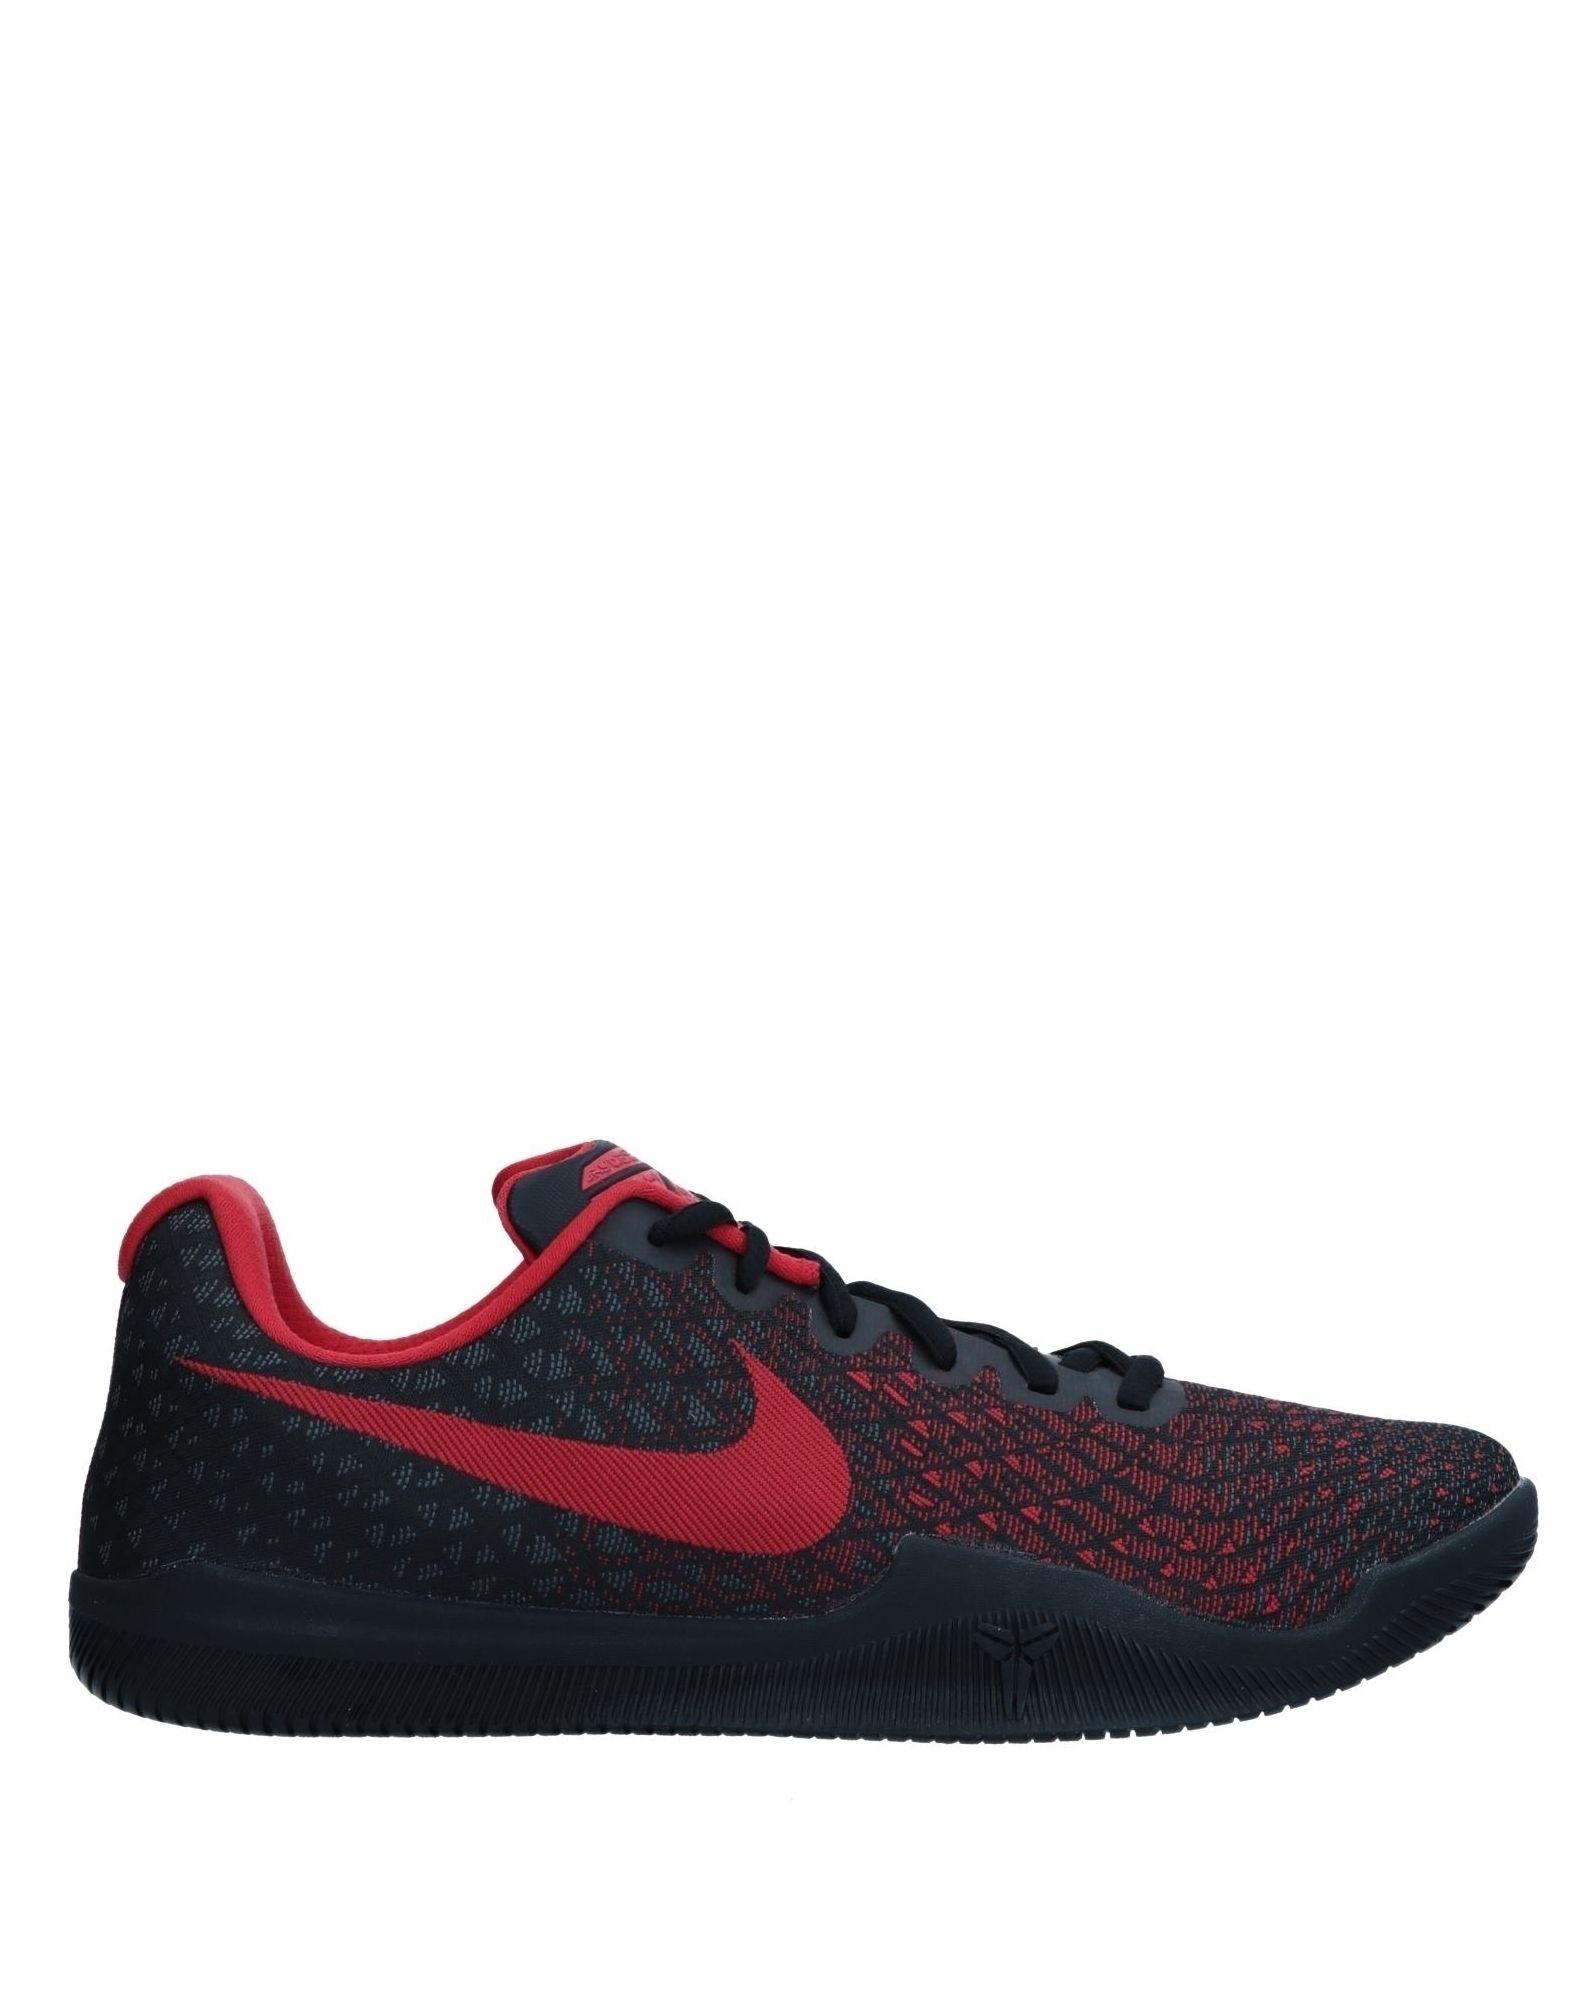 Moda Sneakers Nike Uomo - 11545504MA